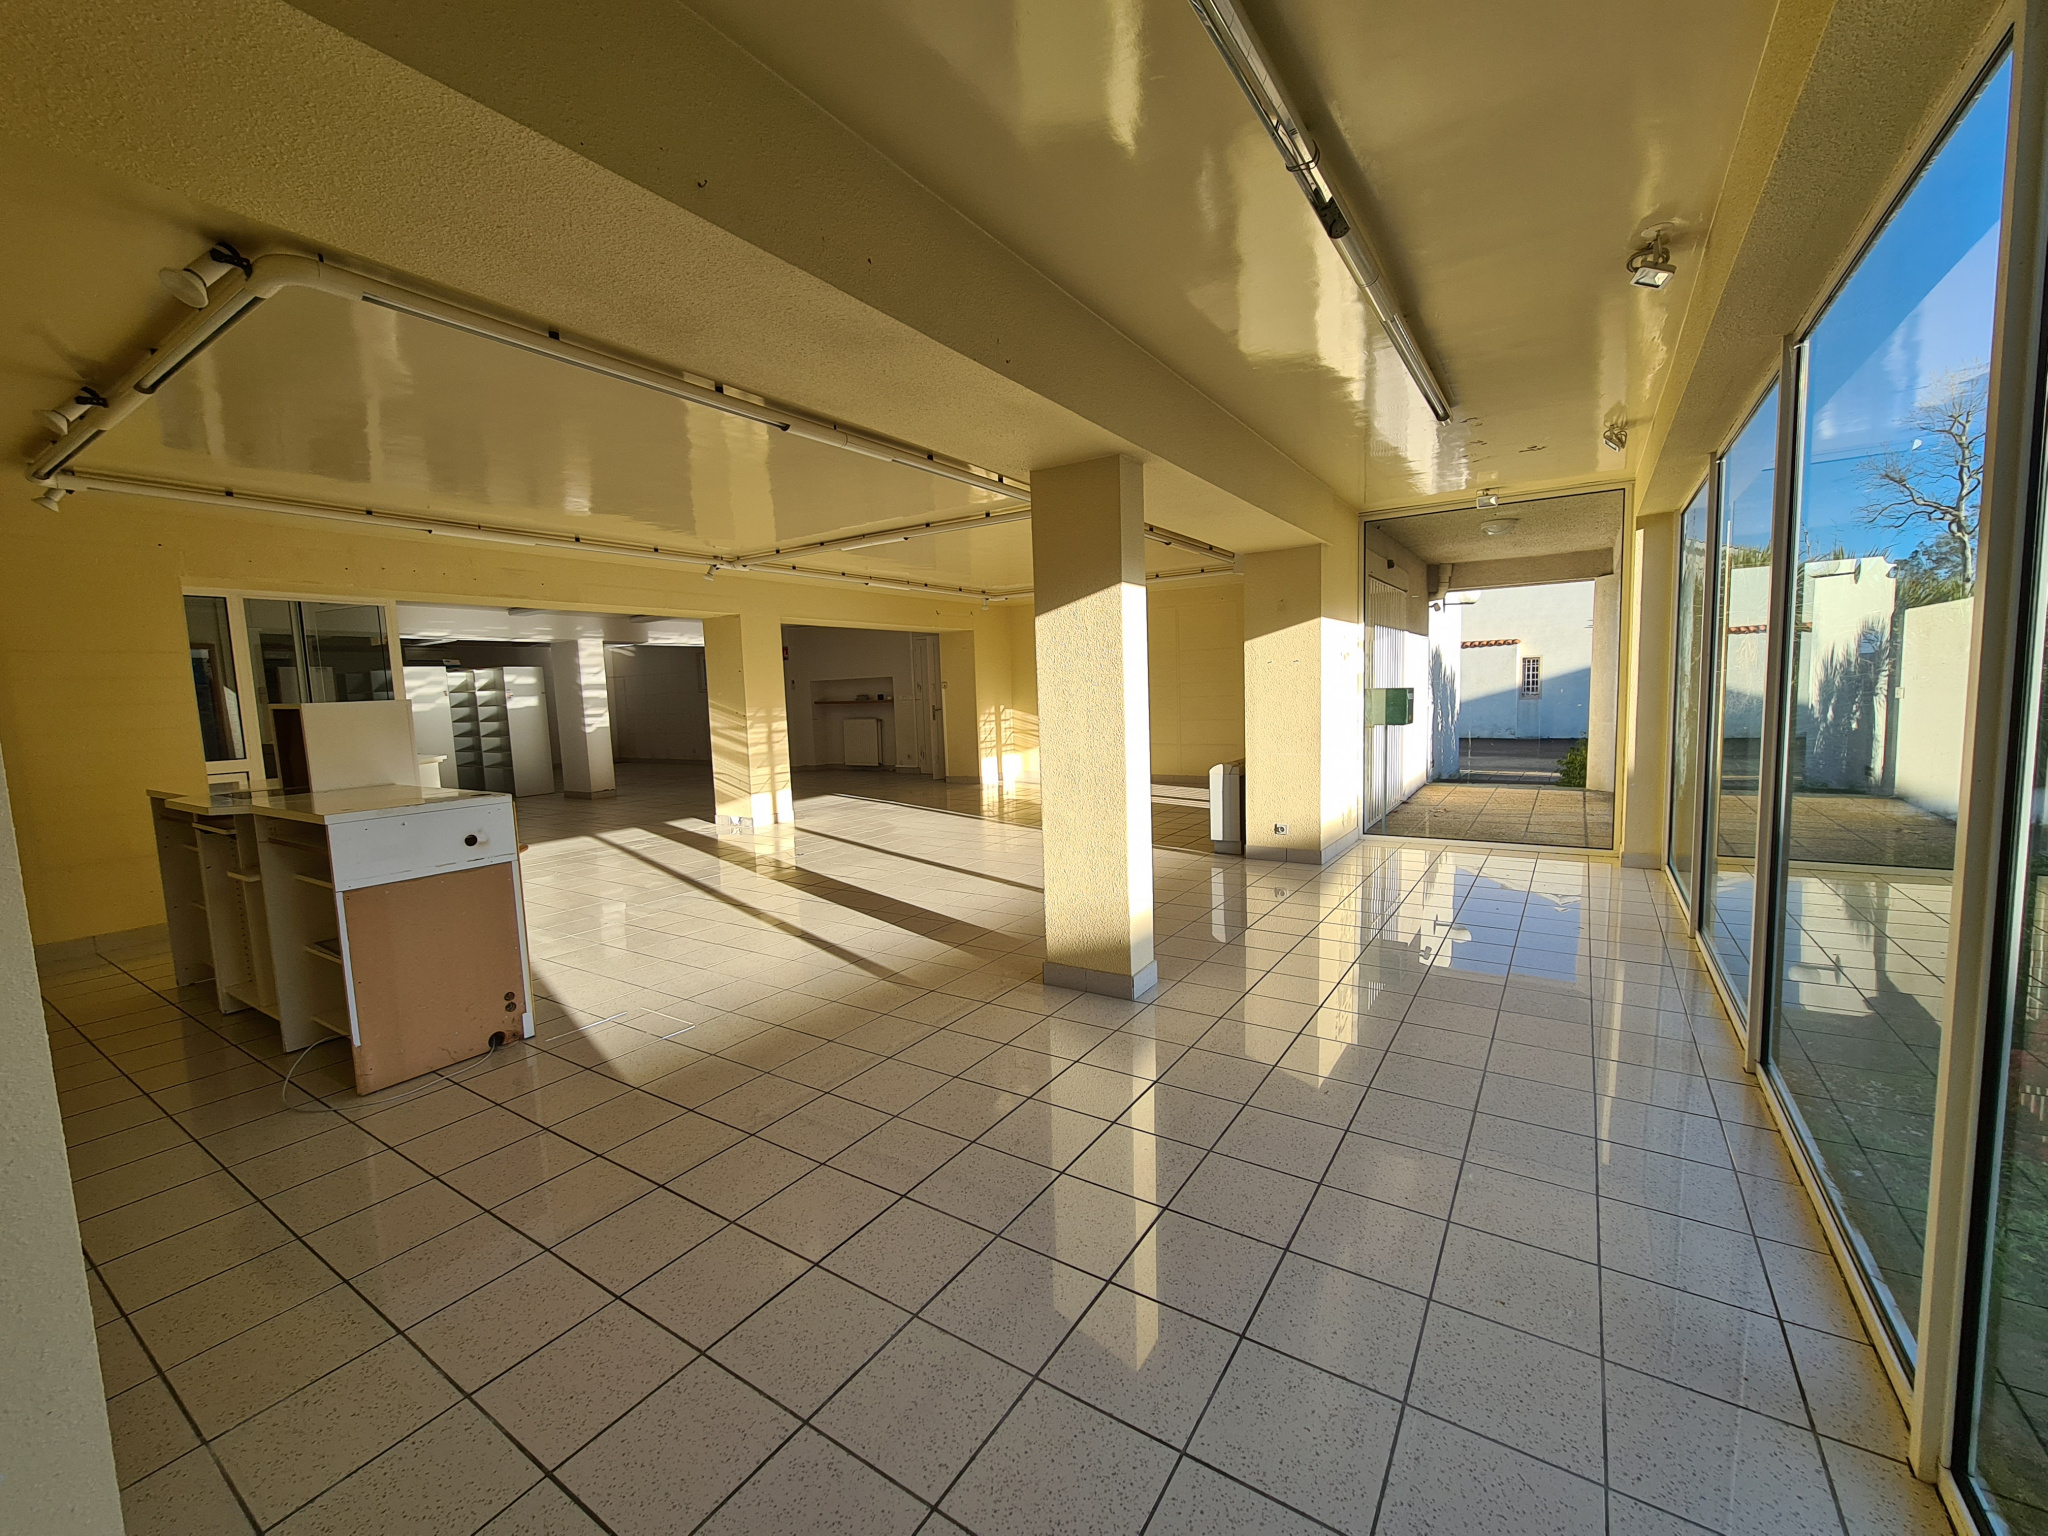 Espace commercial 250m²